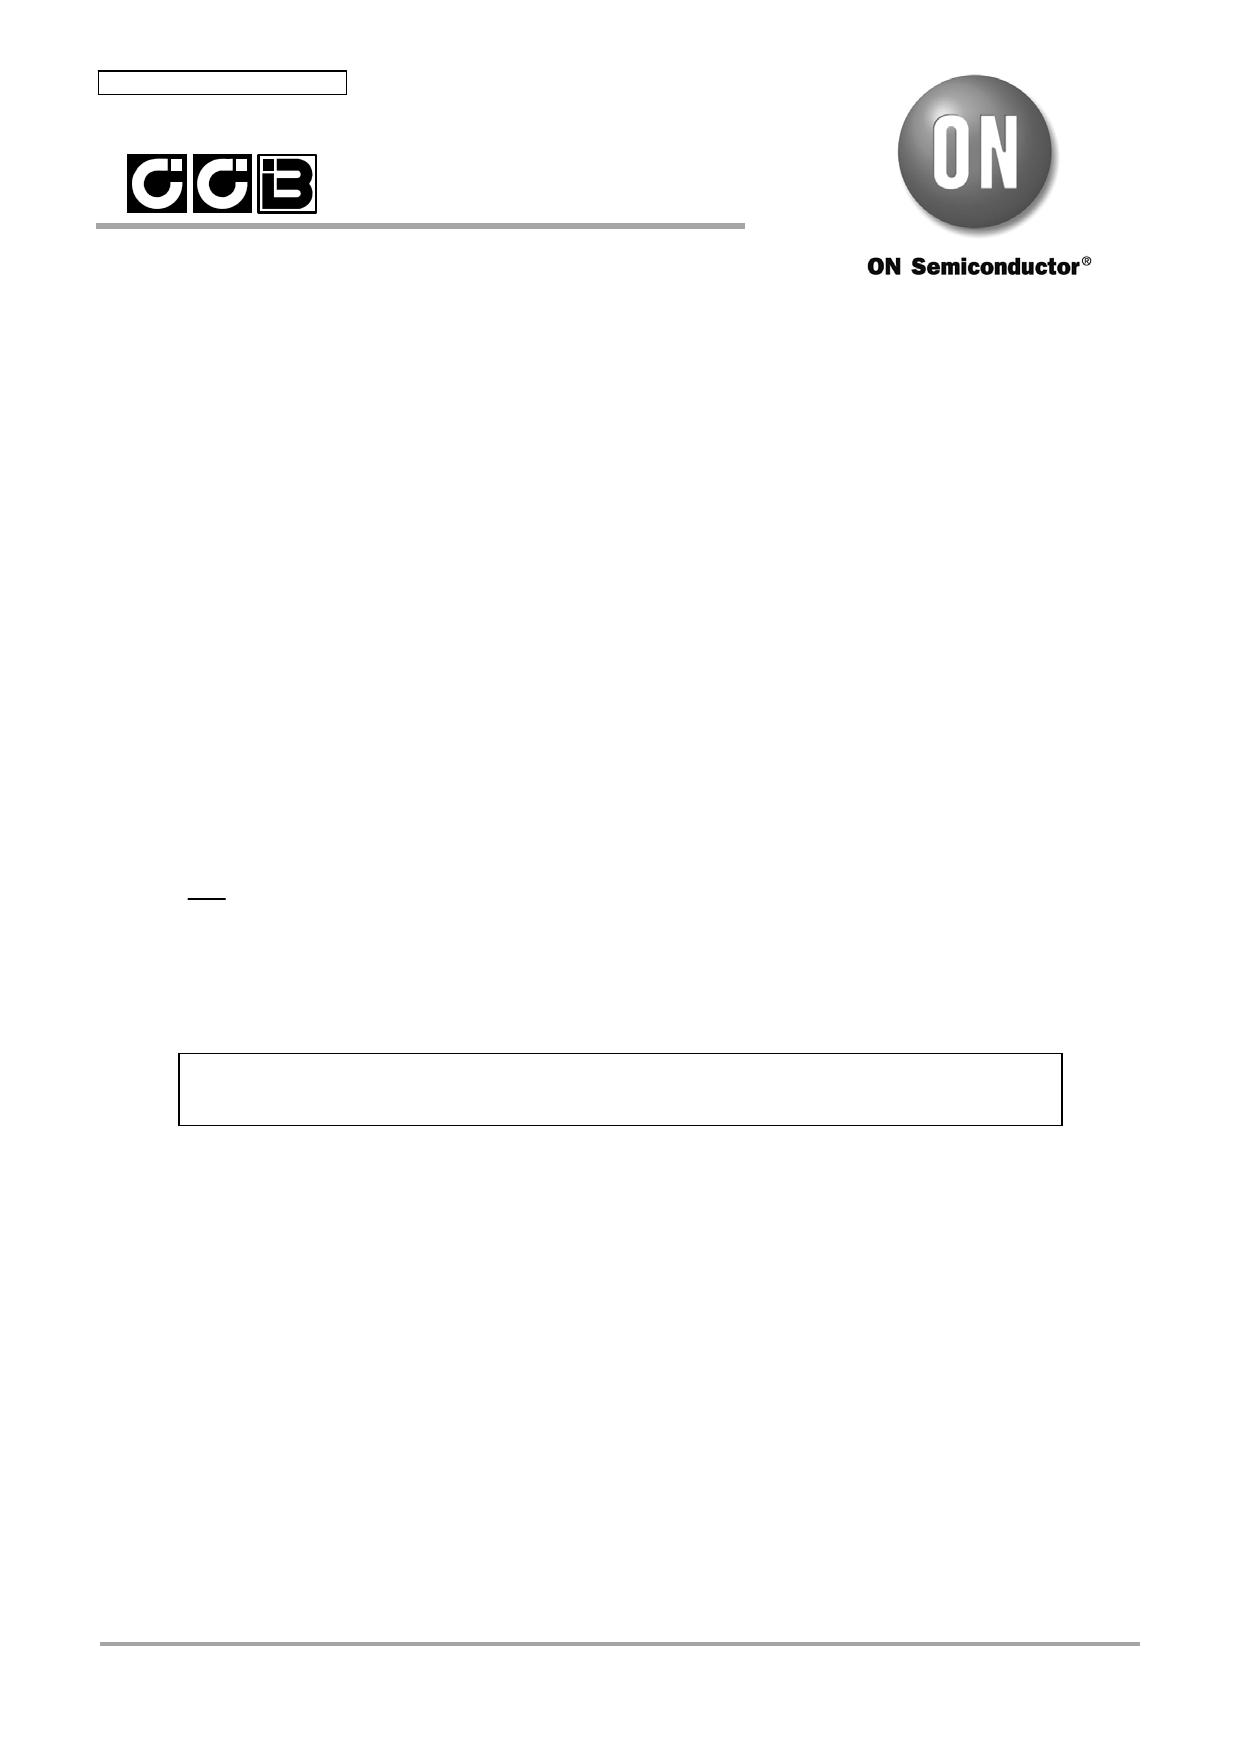 LC75841PE datasheet